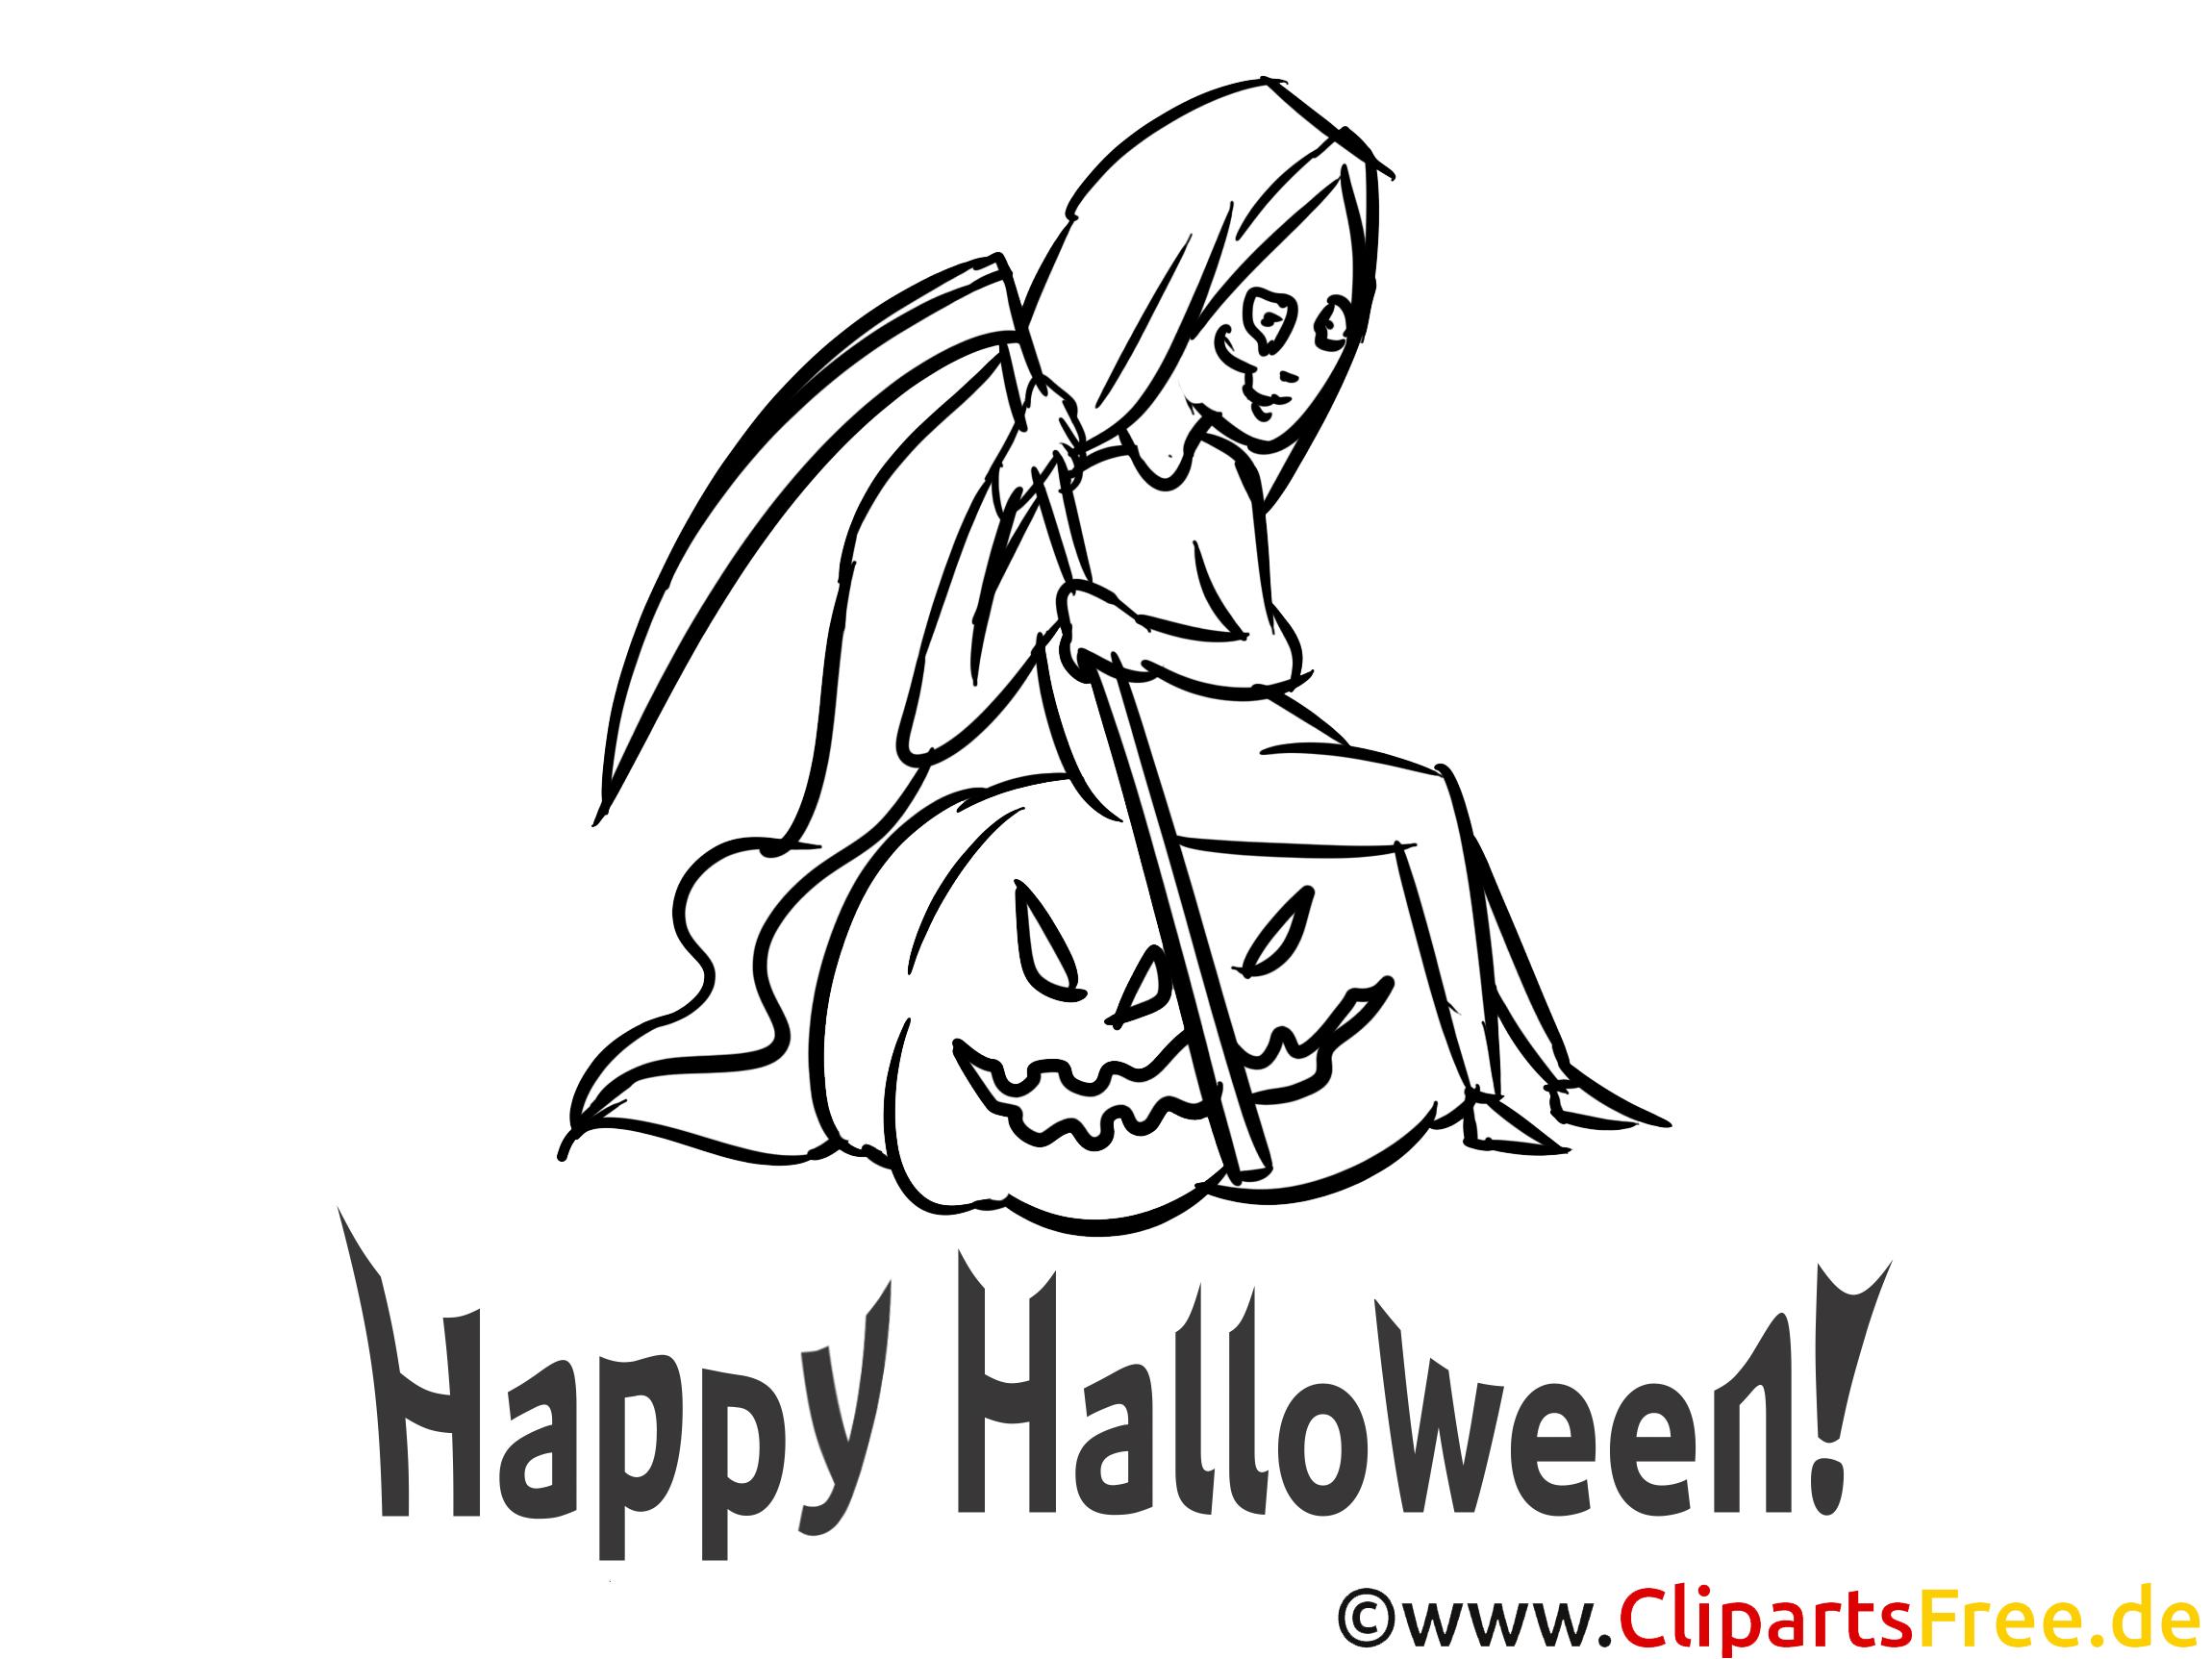 Vorlage zum Ausmalen zu Halloween